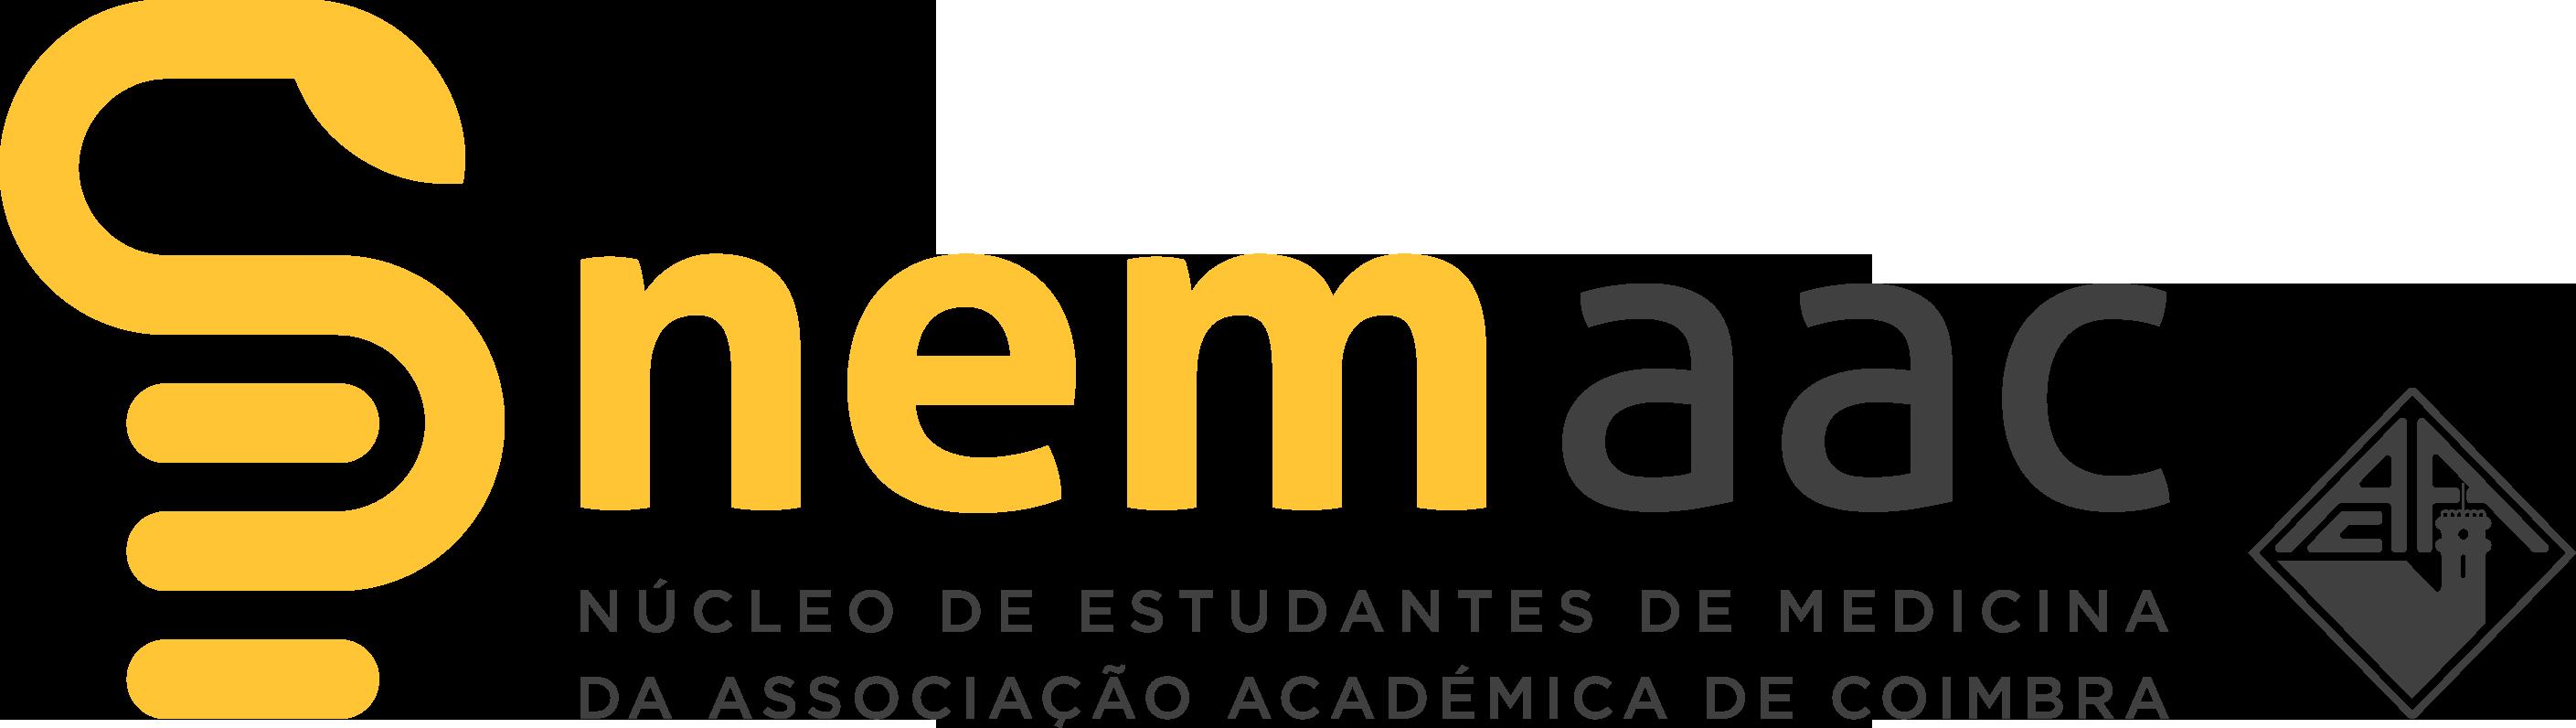 Núcleo de Estudantes de Medicina da Associação Académica de Coimbra